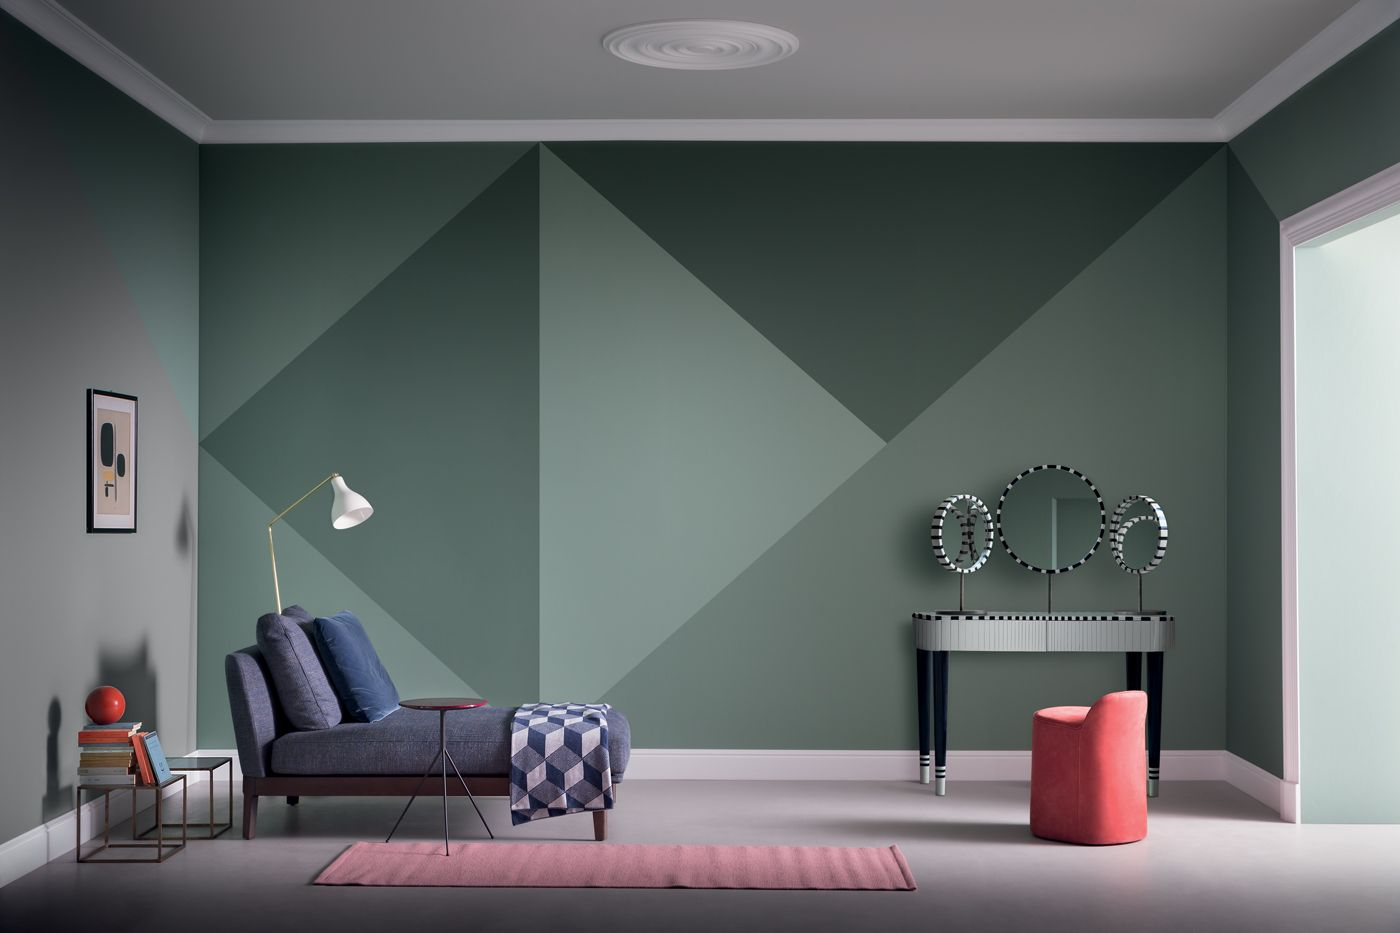 Da dipingere tracciando il profilo di un oggetto (per esempio, un albero, le nuvole, il sole) oppure da realizzare su un'intera parete, la vernice lavagna trasforma la cameretta in un laboratorio. Pin Su Styling